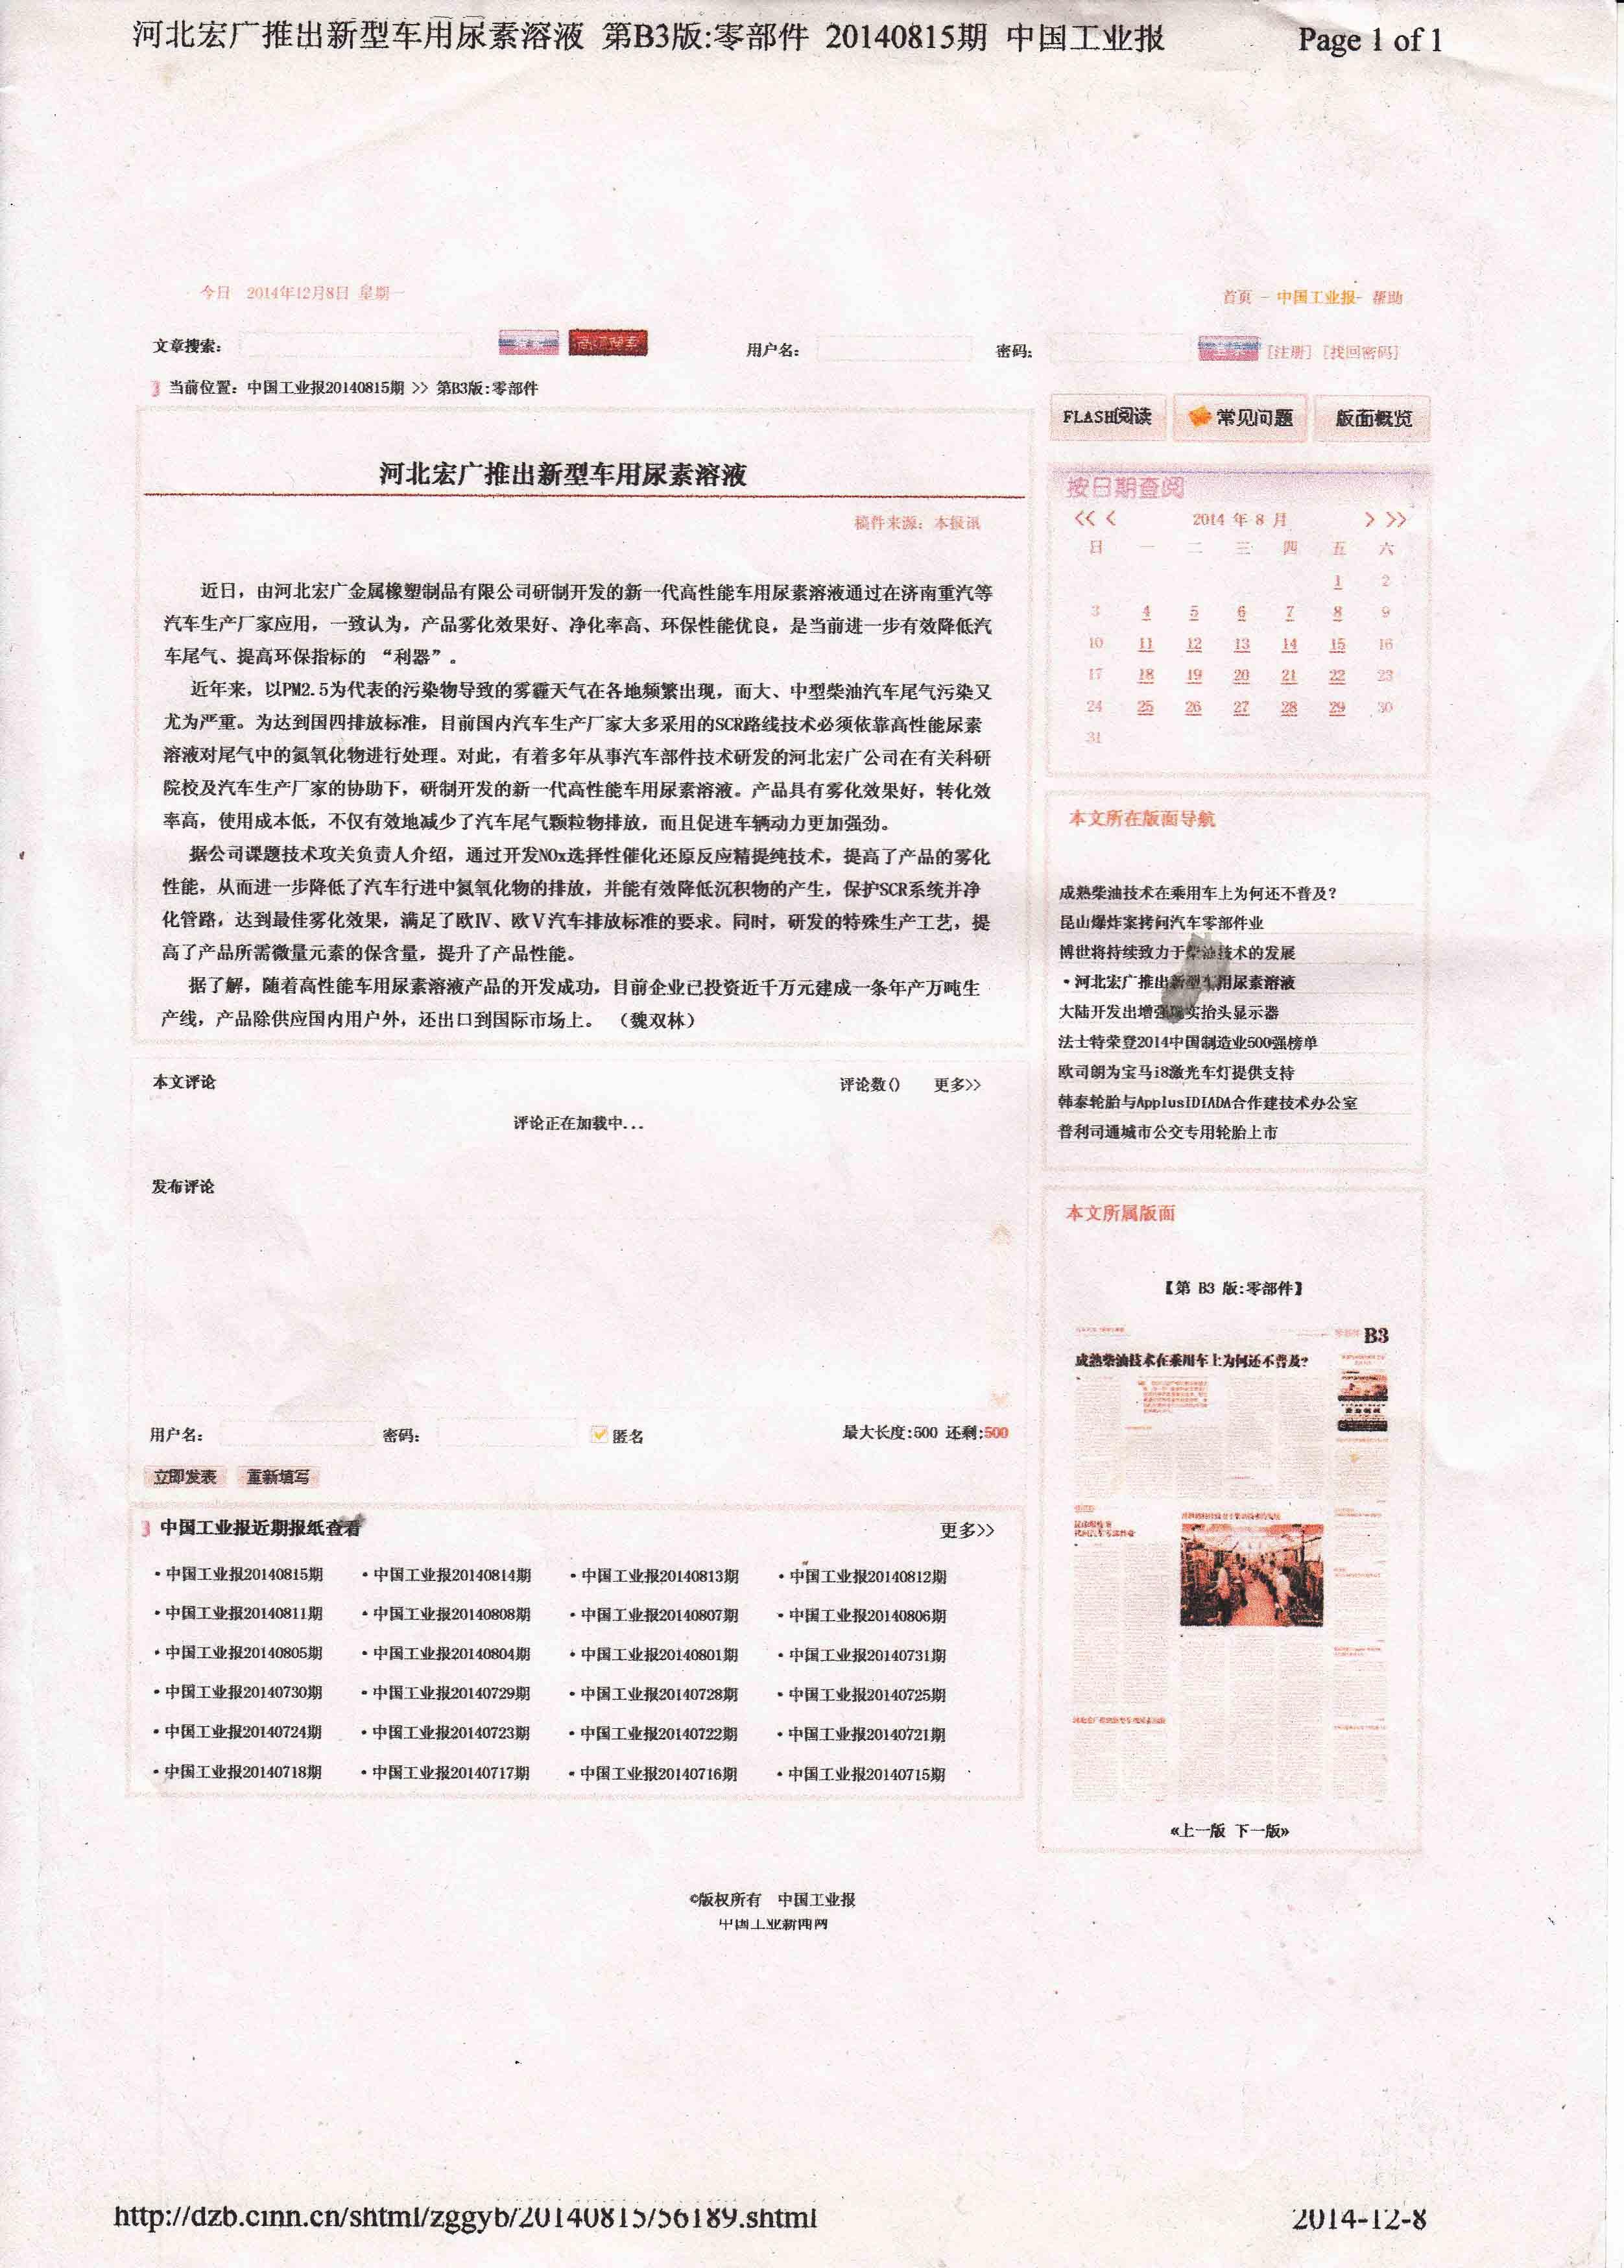 河北宏廣推出新型車用尿素溶液(中國工業新聞網)(圖1)